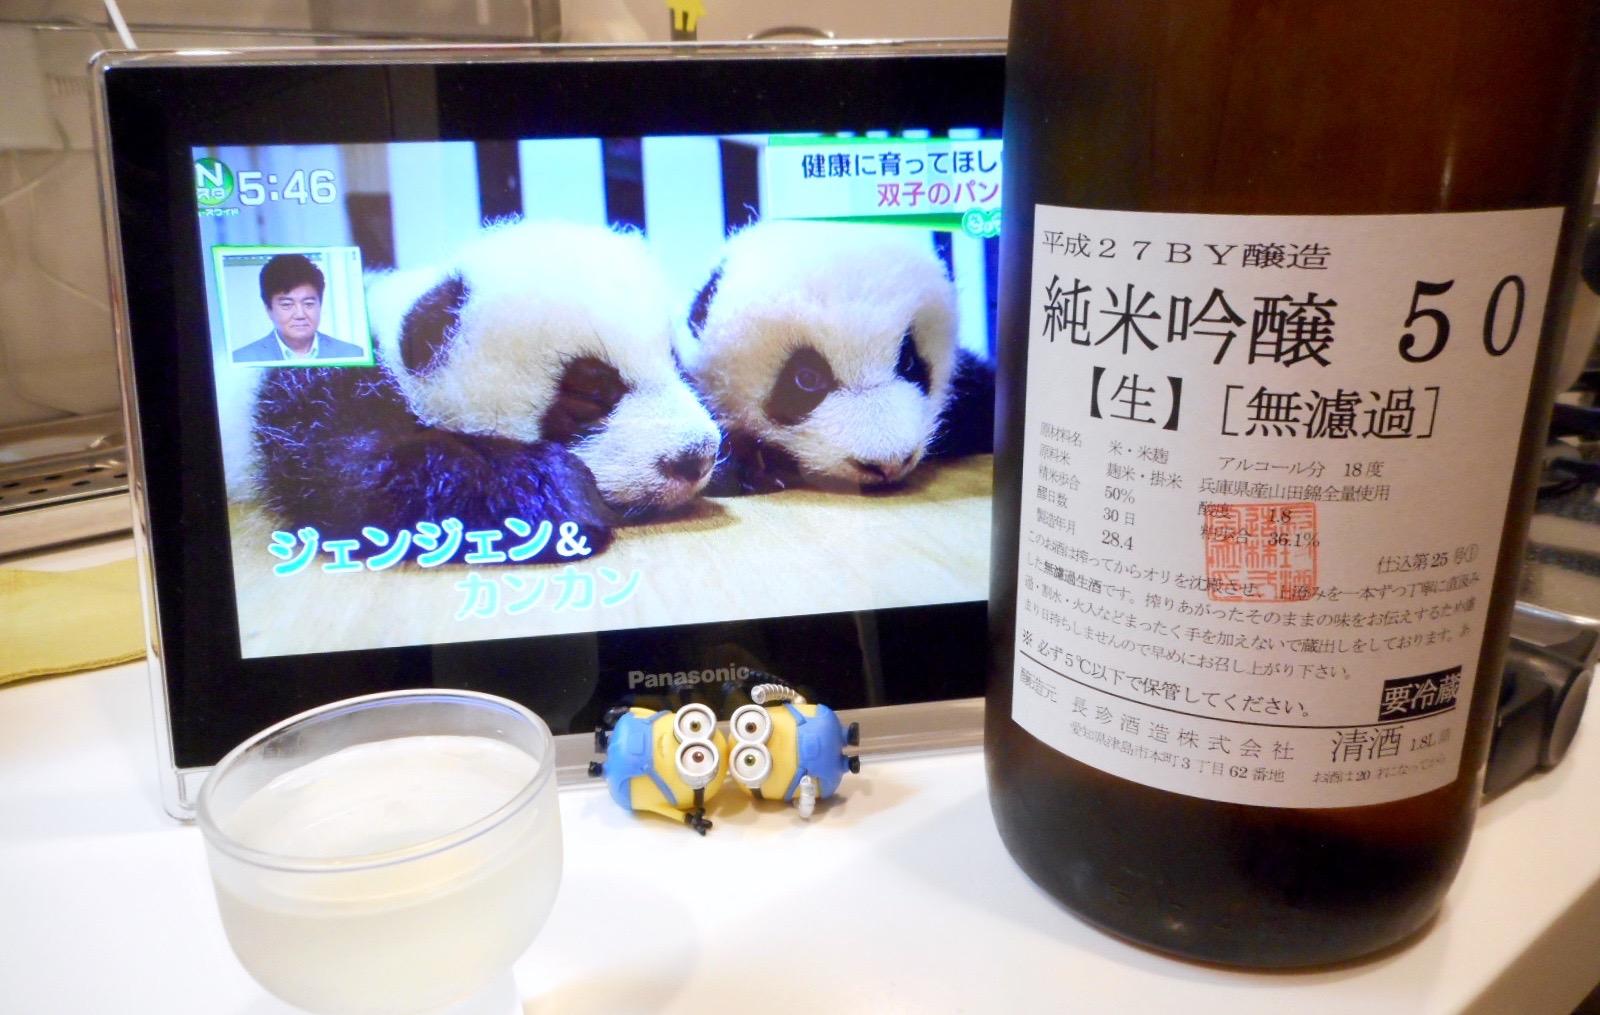 chouchin_shinbunshi_jungin27by7.jpg